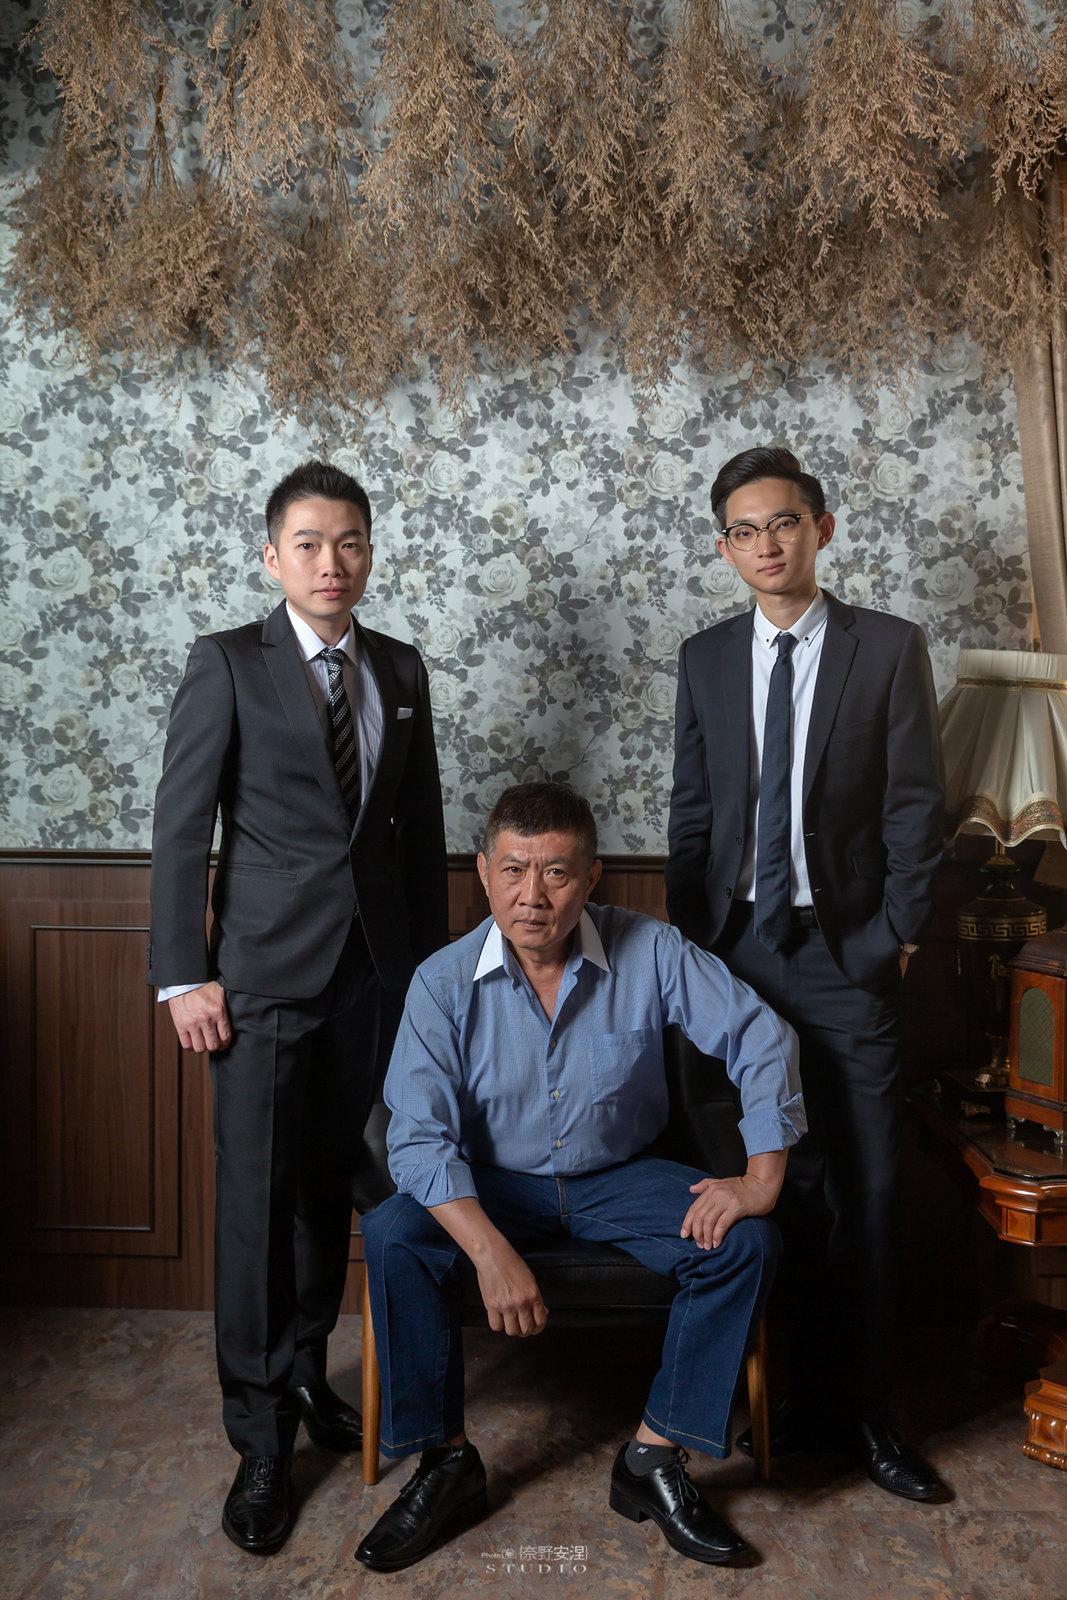 台南全家福 | 拋棄傳統合照的彆扭,忠實呈現家人間最親密的情感24